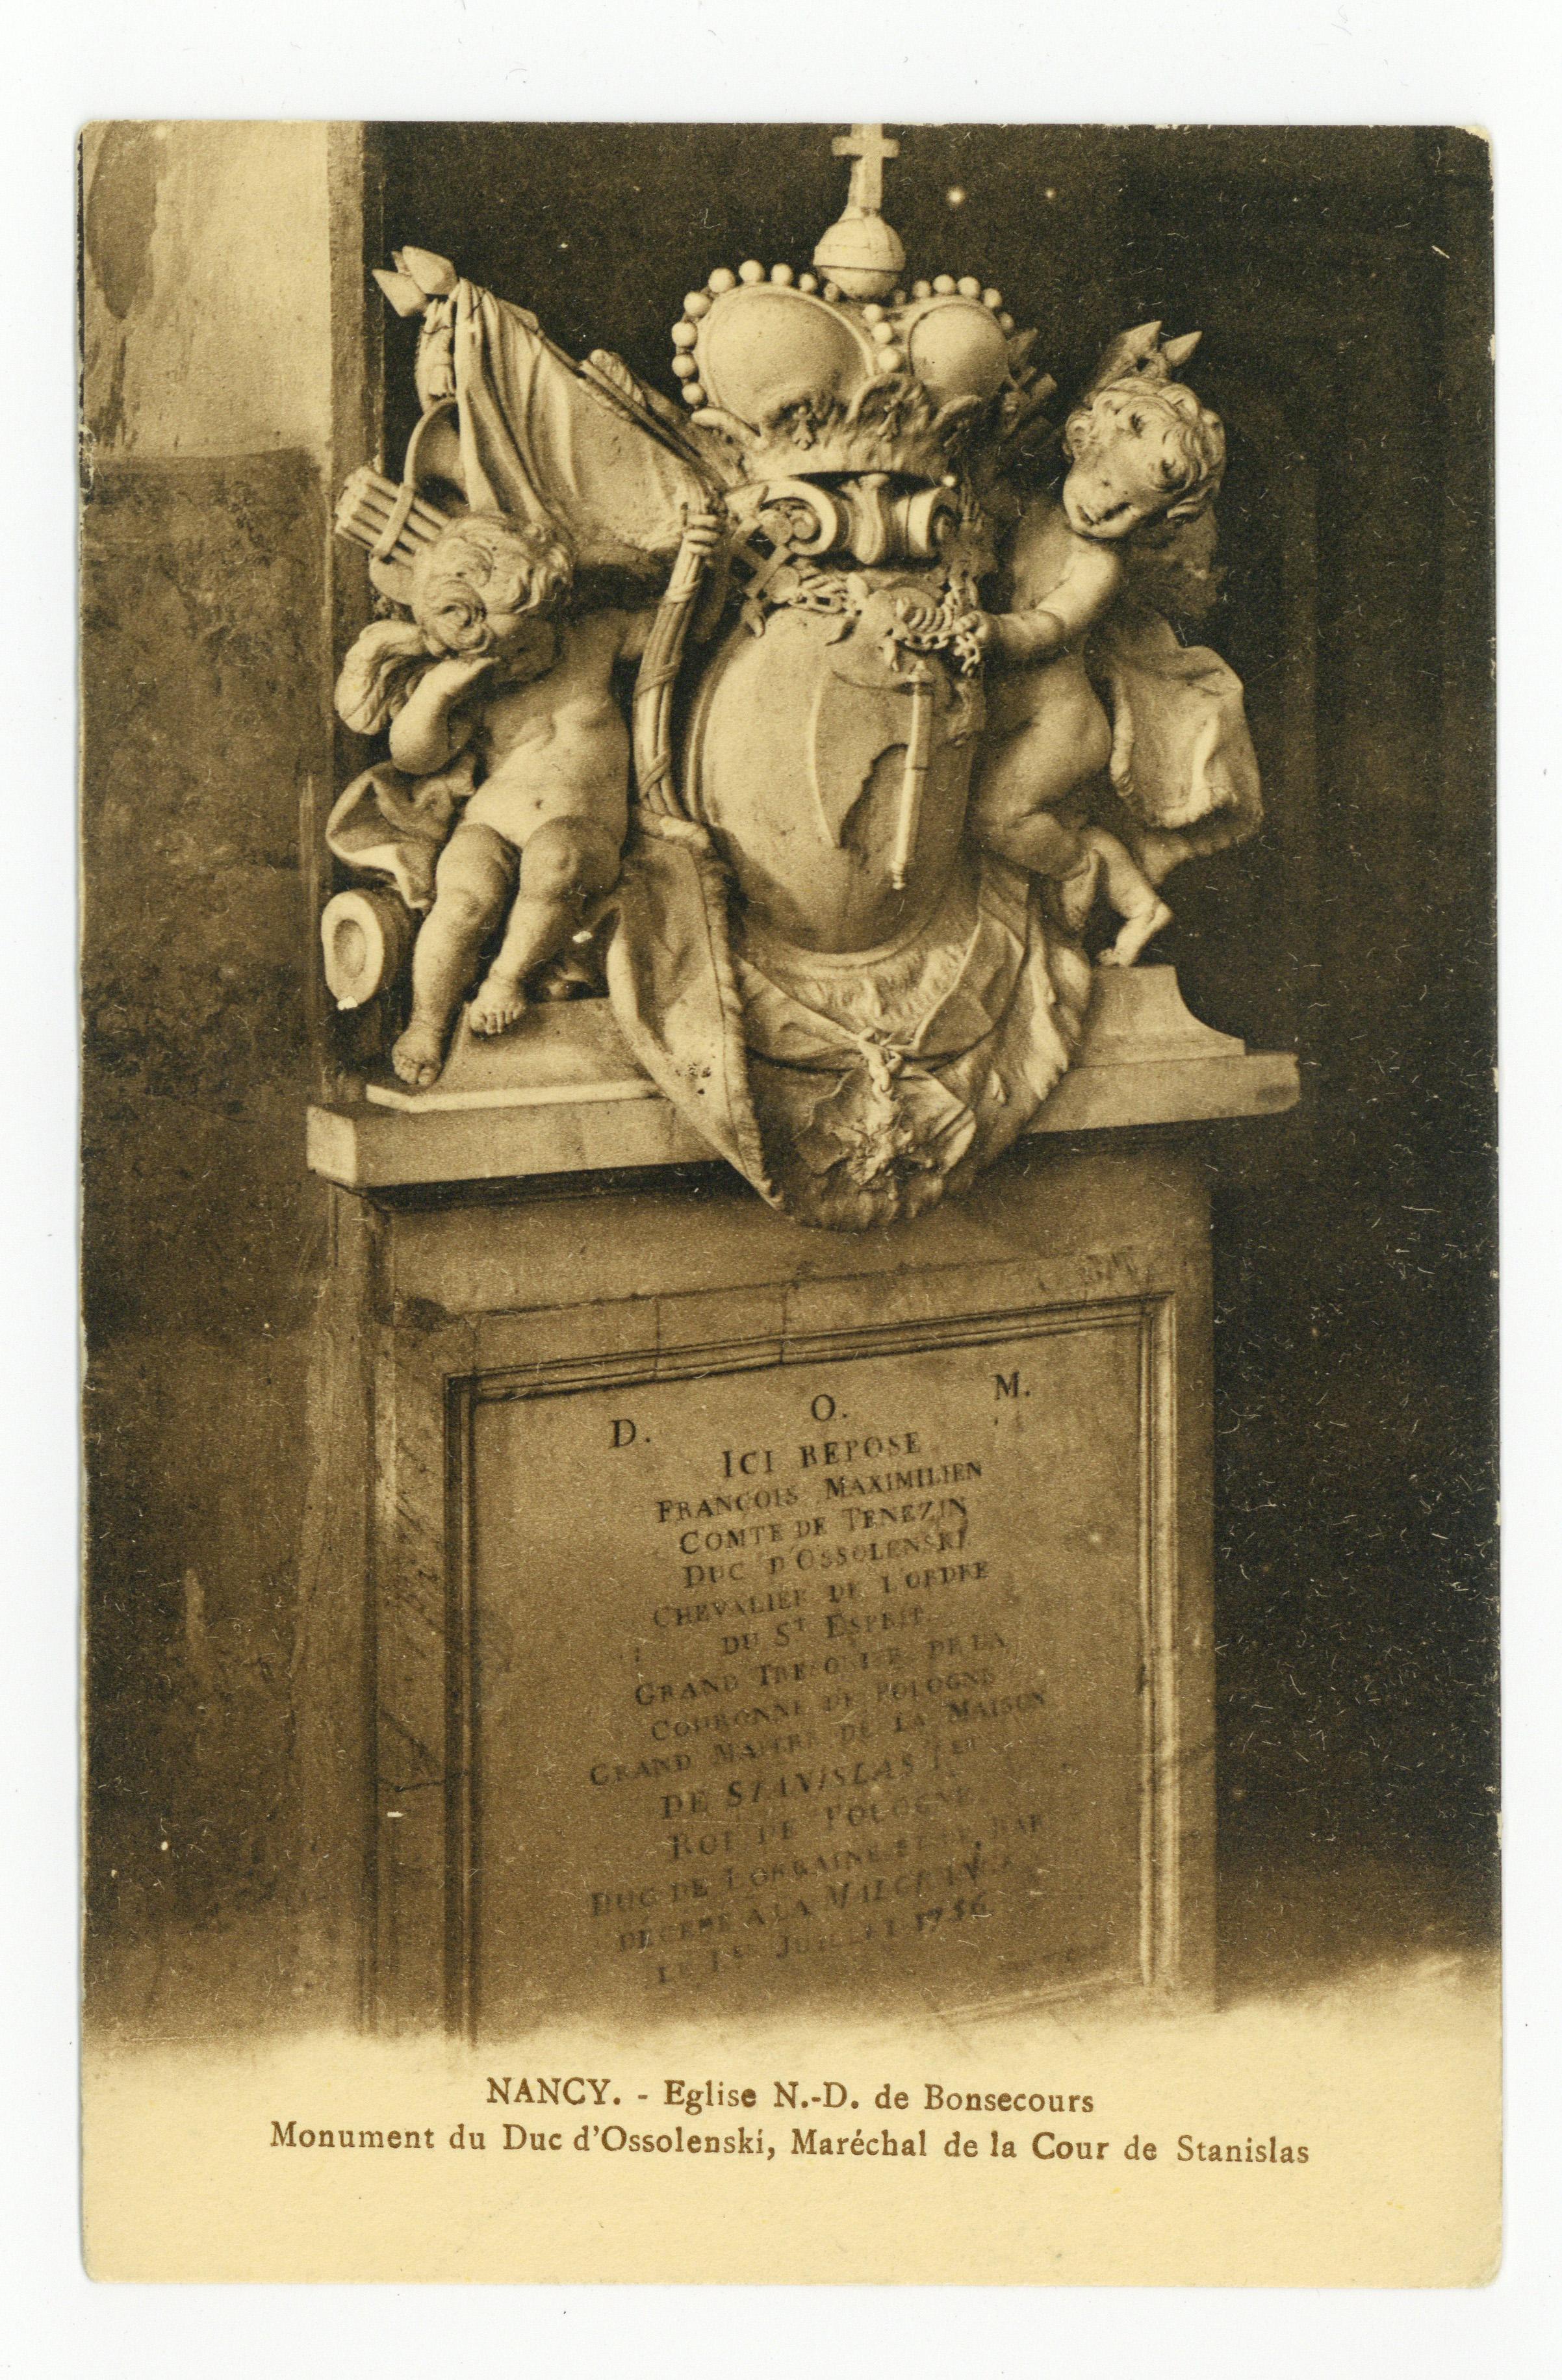 Contenu du Nancy : église N.-D. de Bonsecours, monument du Duc d'Ossolenski, maréchal de la cour de Stanislas